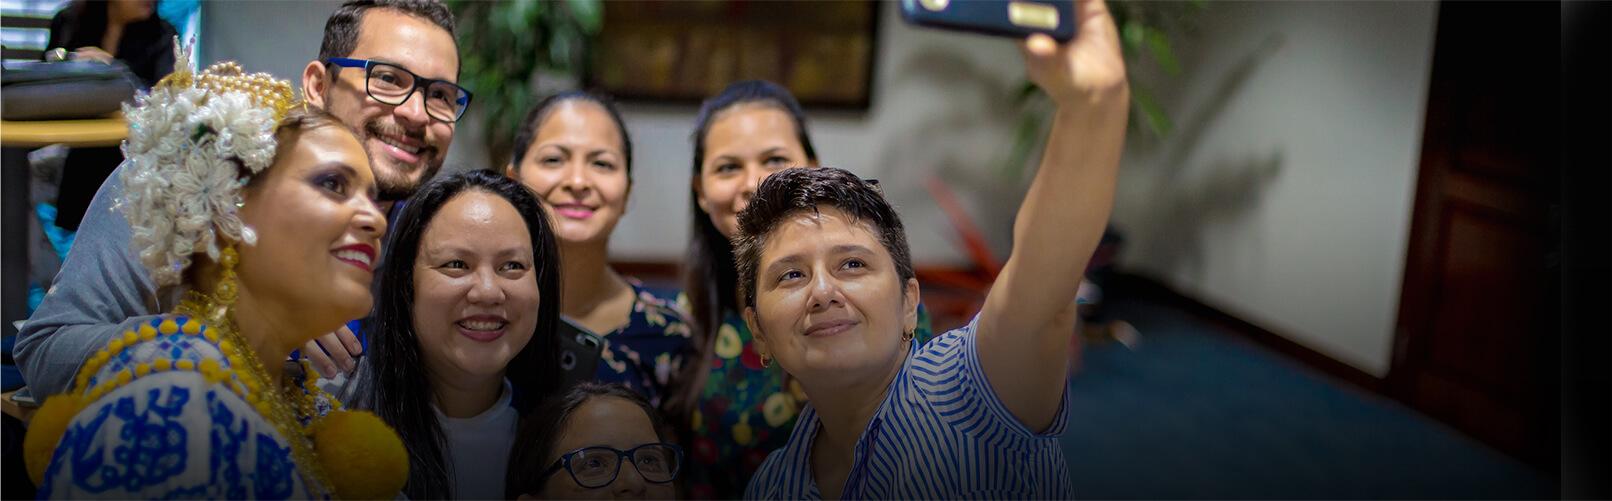 Grupo de empleados tomando selfie